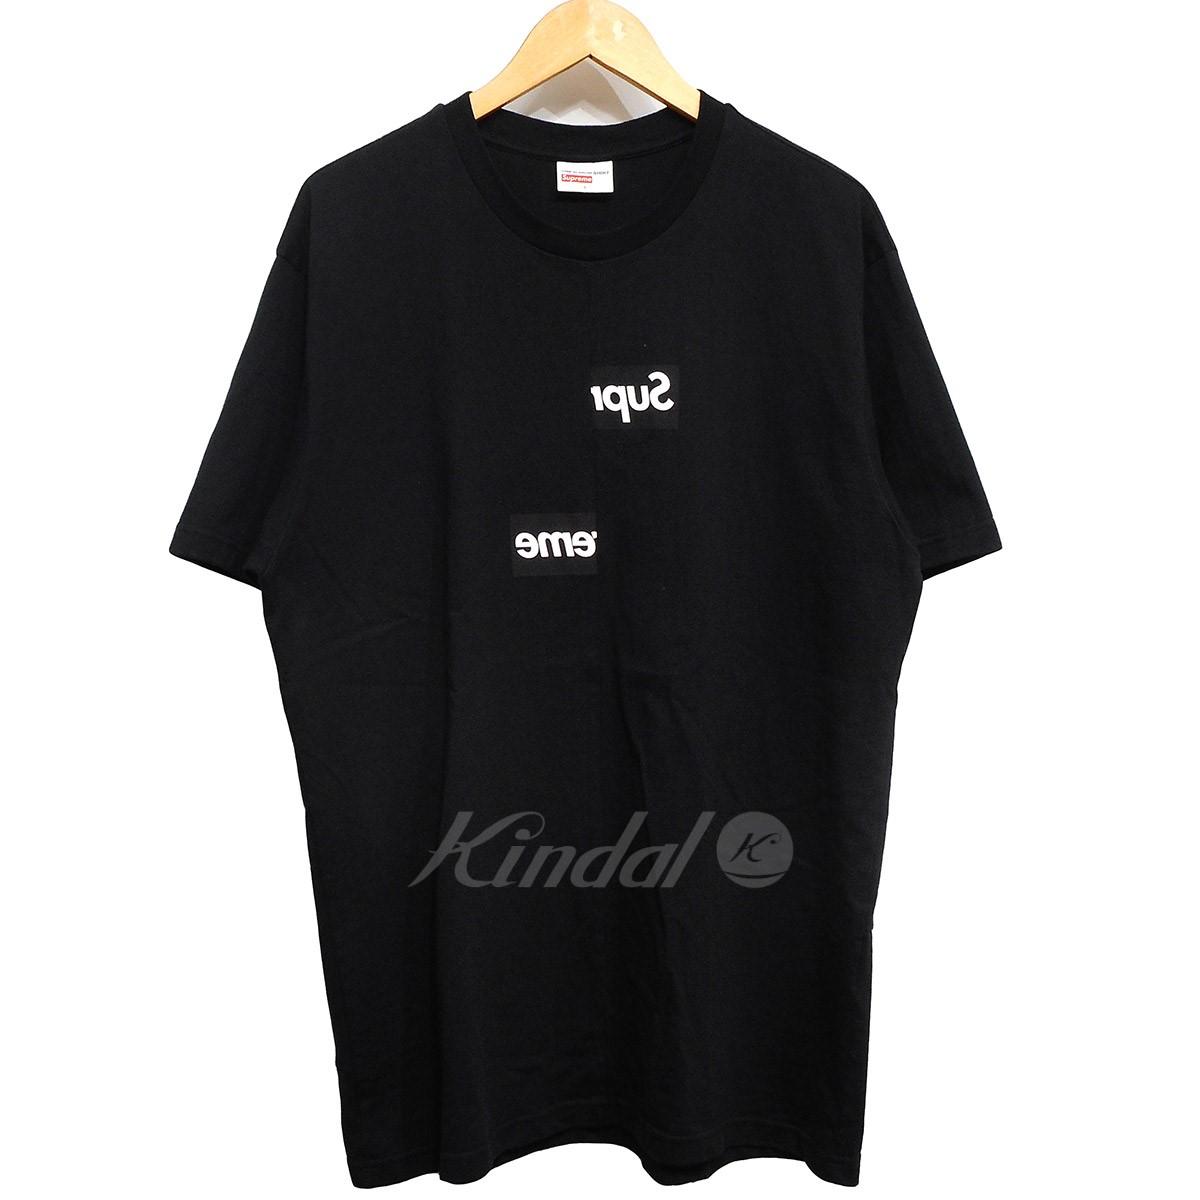 【中古】Supreme × COMME des GARCONS SHIRT 18AW Split Box Logo Tee ボックスロゴTシャツ 【送料無料】 【002709】 【KIND1550】